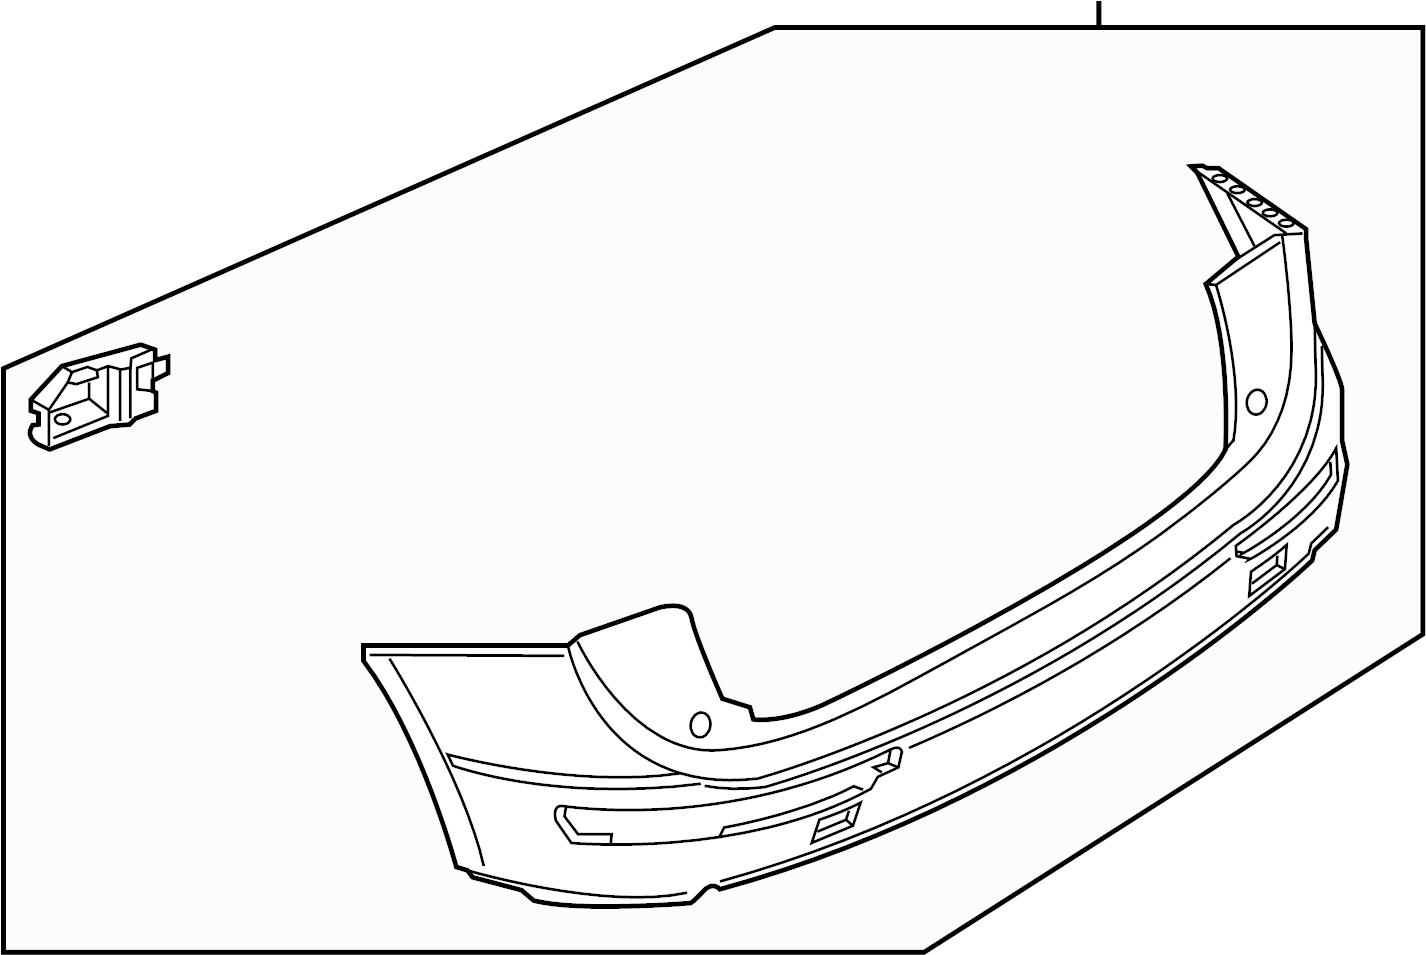 2015 audi q5 premium plus 3 0l v6 bumper  bumper cover